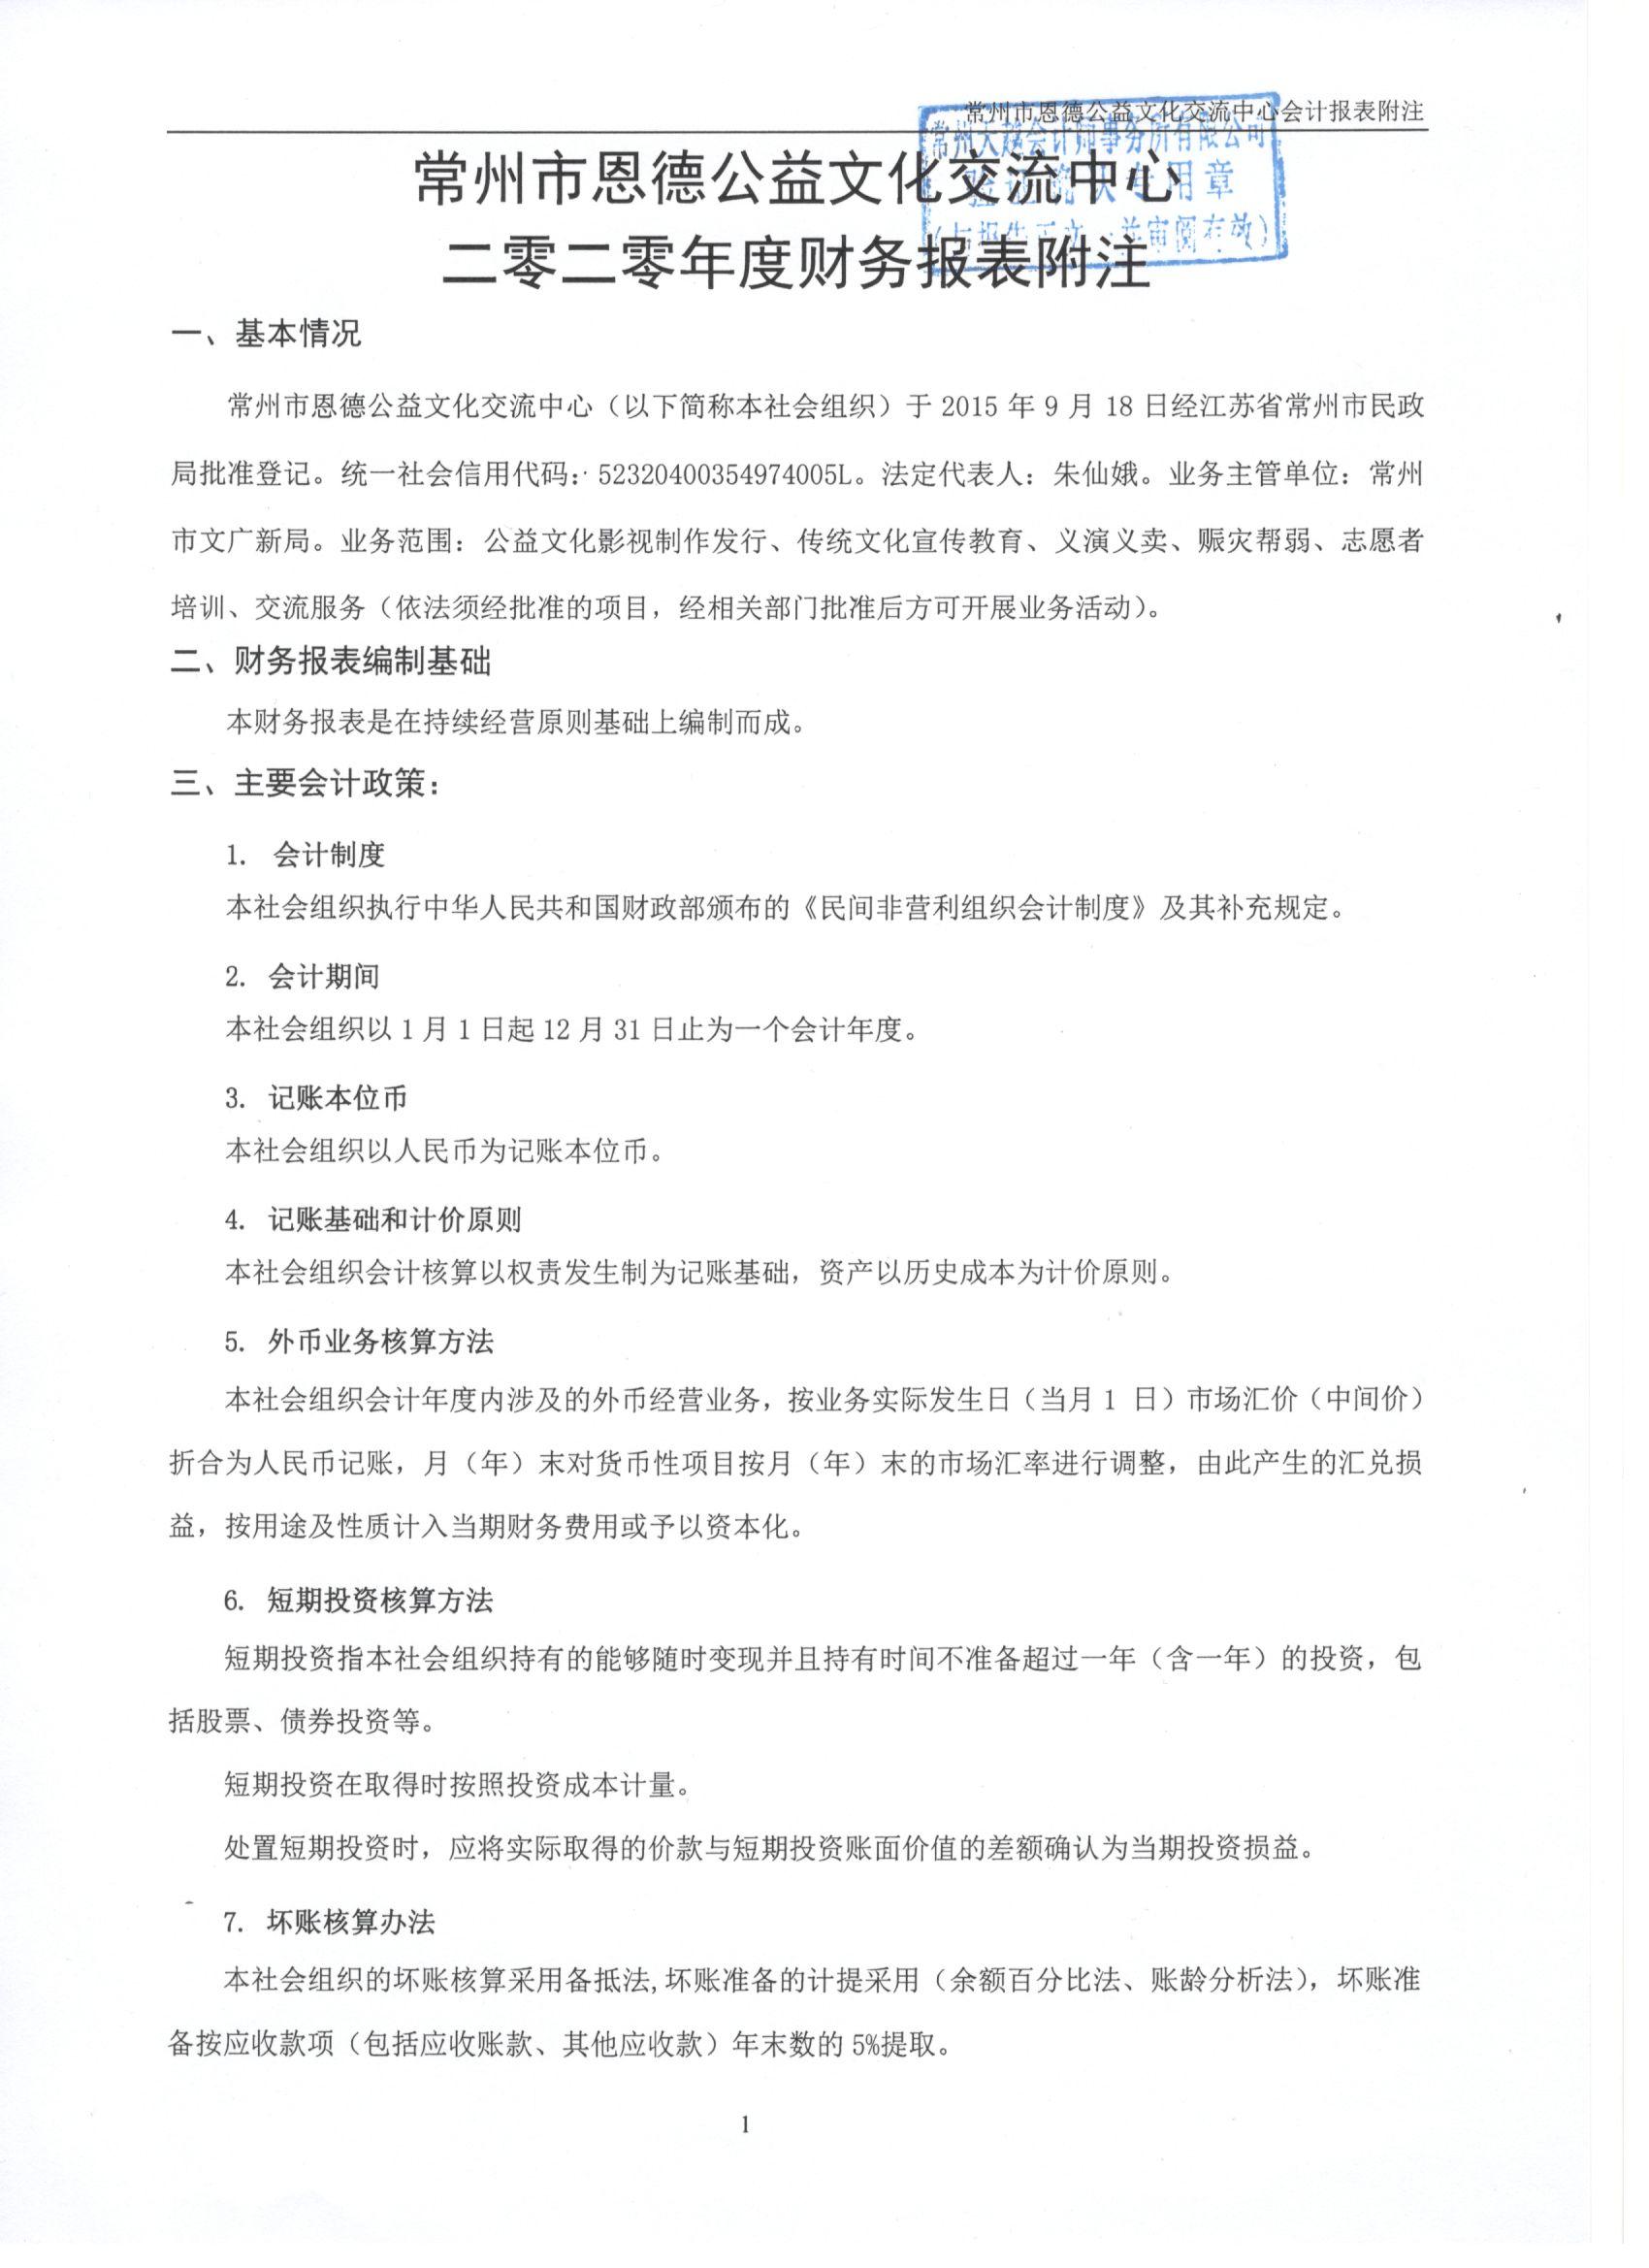 2020年财务审计报告07